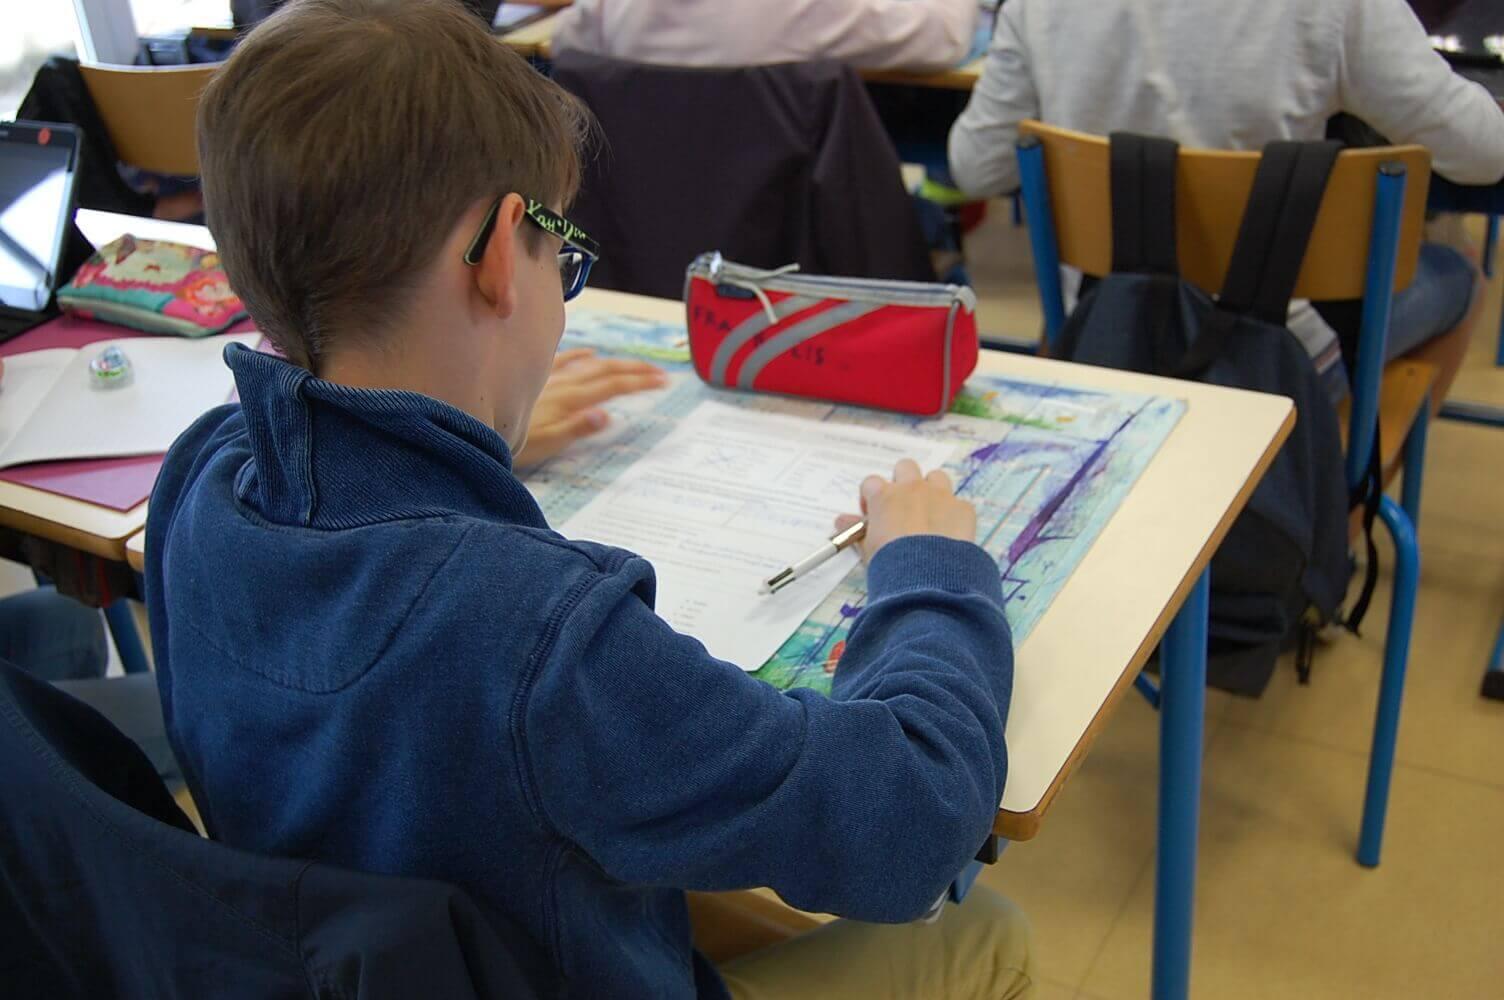 Les élèves sont concentrés sur leur apprentissage car ils connaissent leur emploi du temps